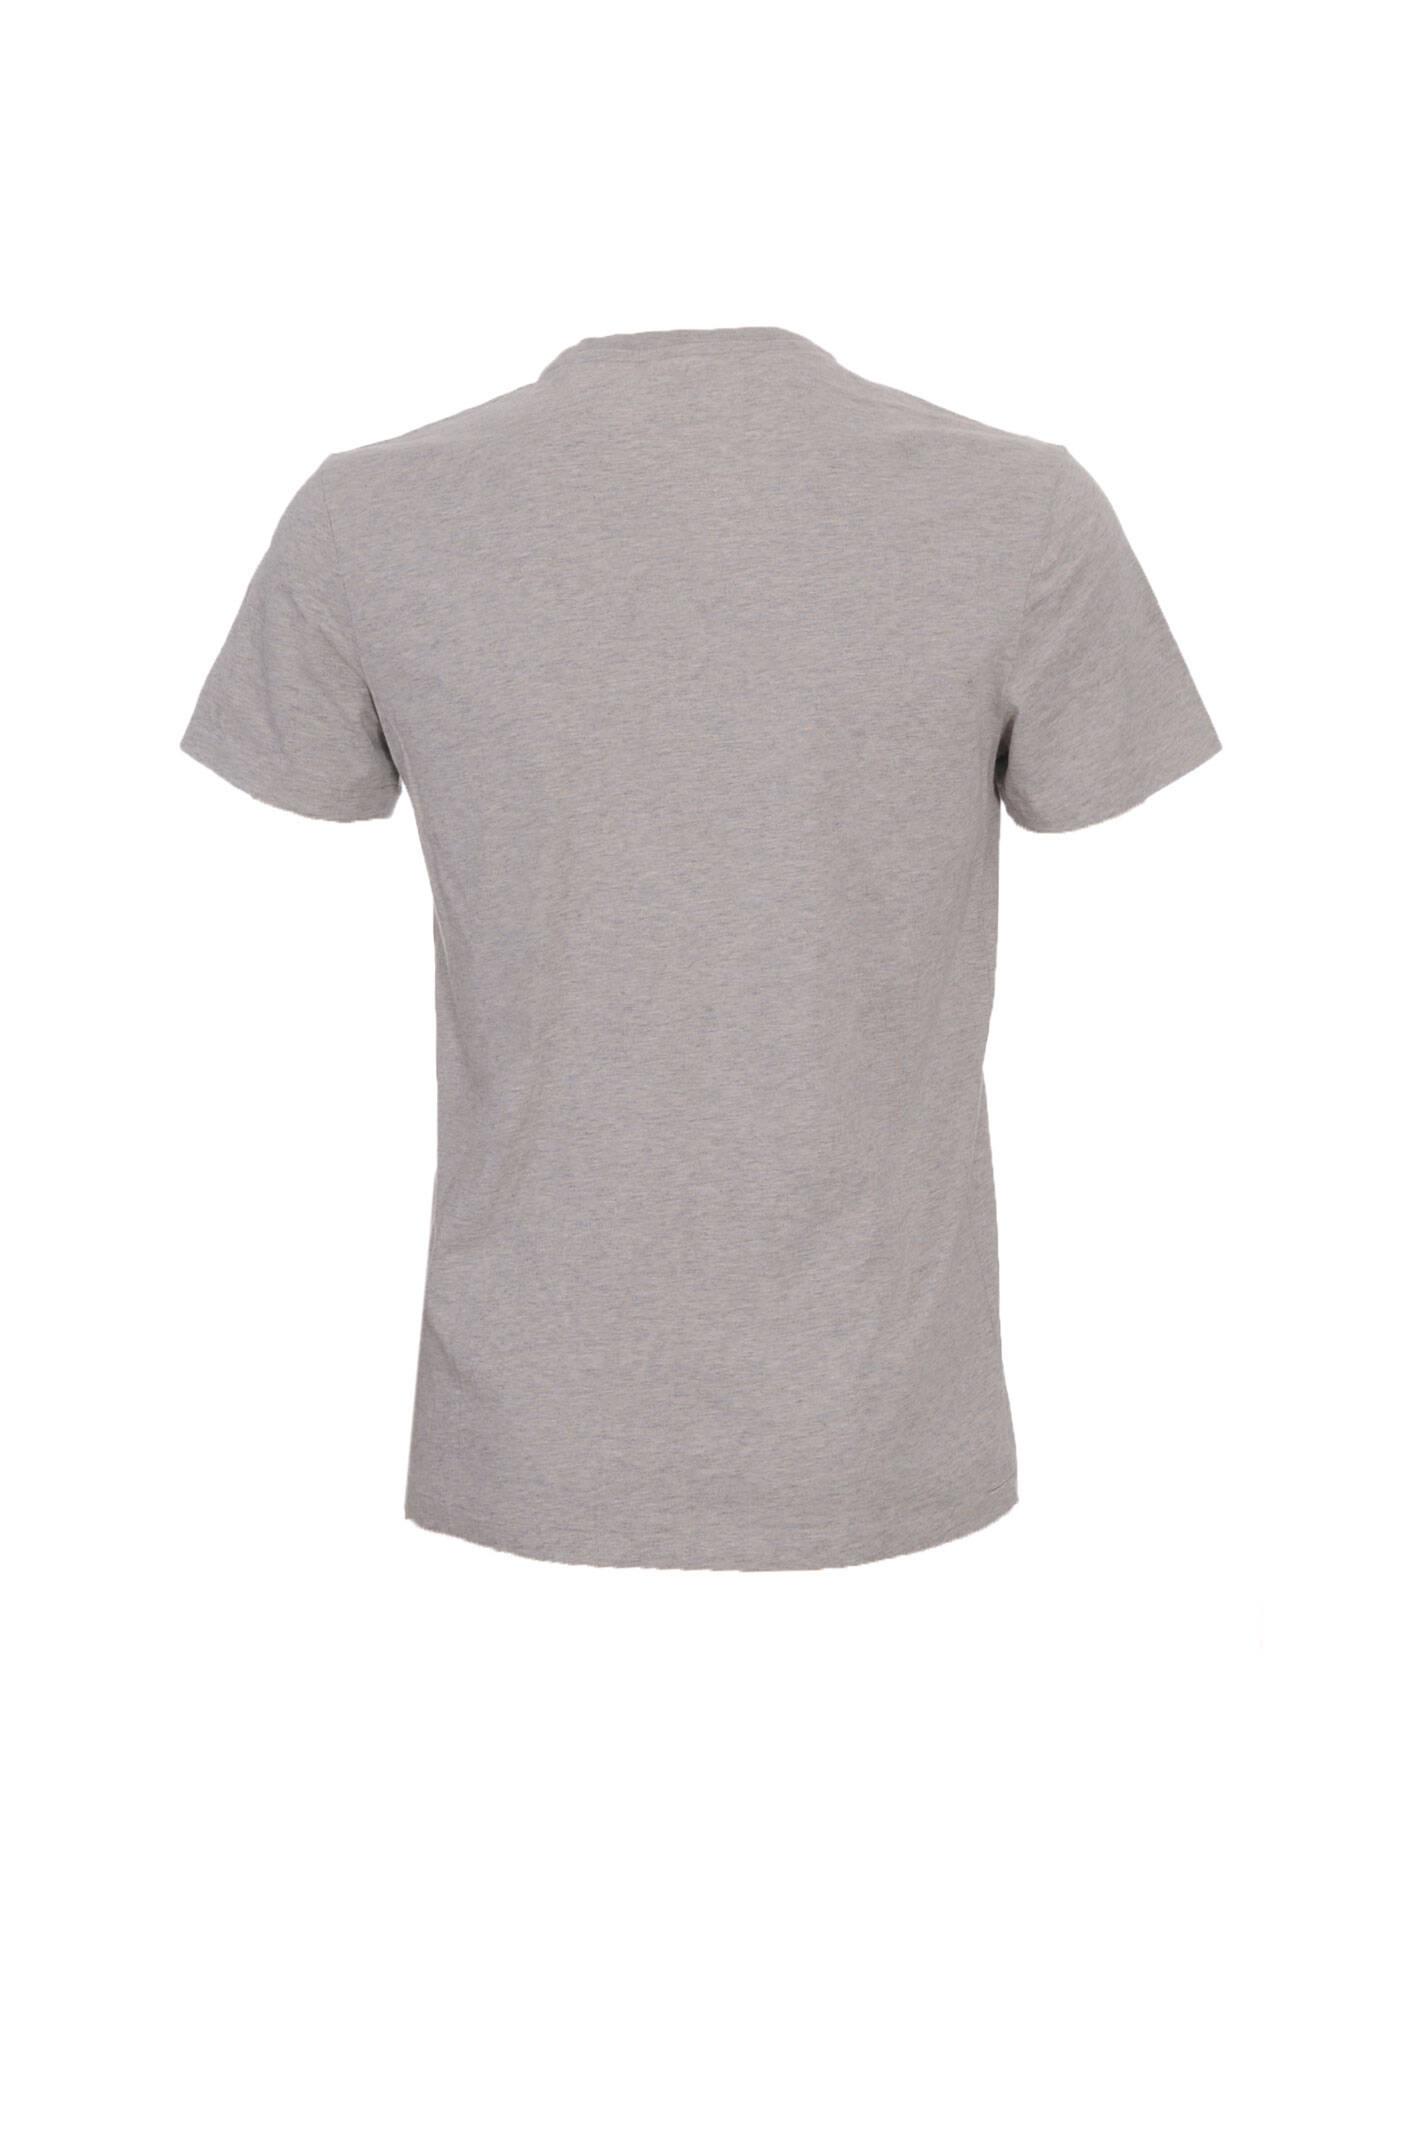 T shirt tee jersey polo ralph lauren szary for Ralph lauren polo jersey shirt